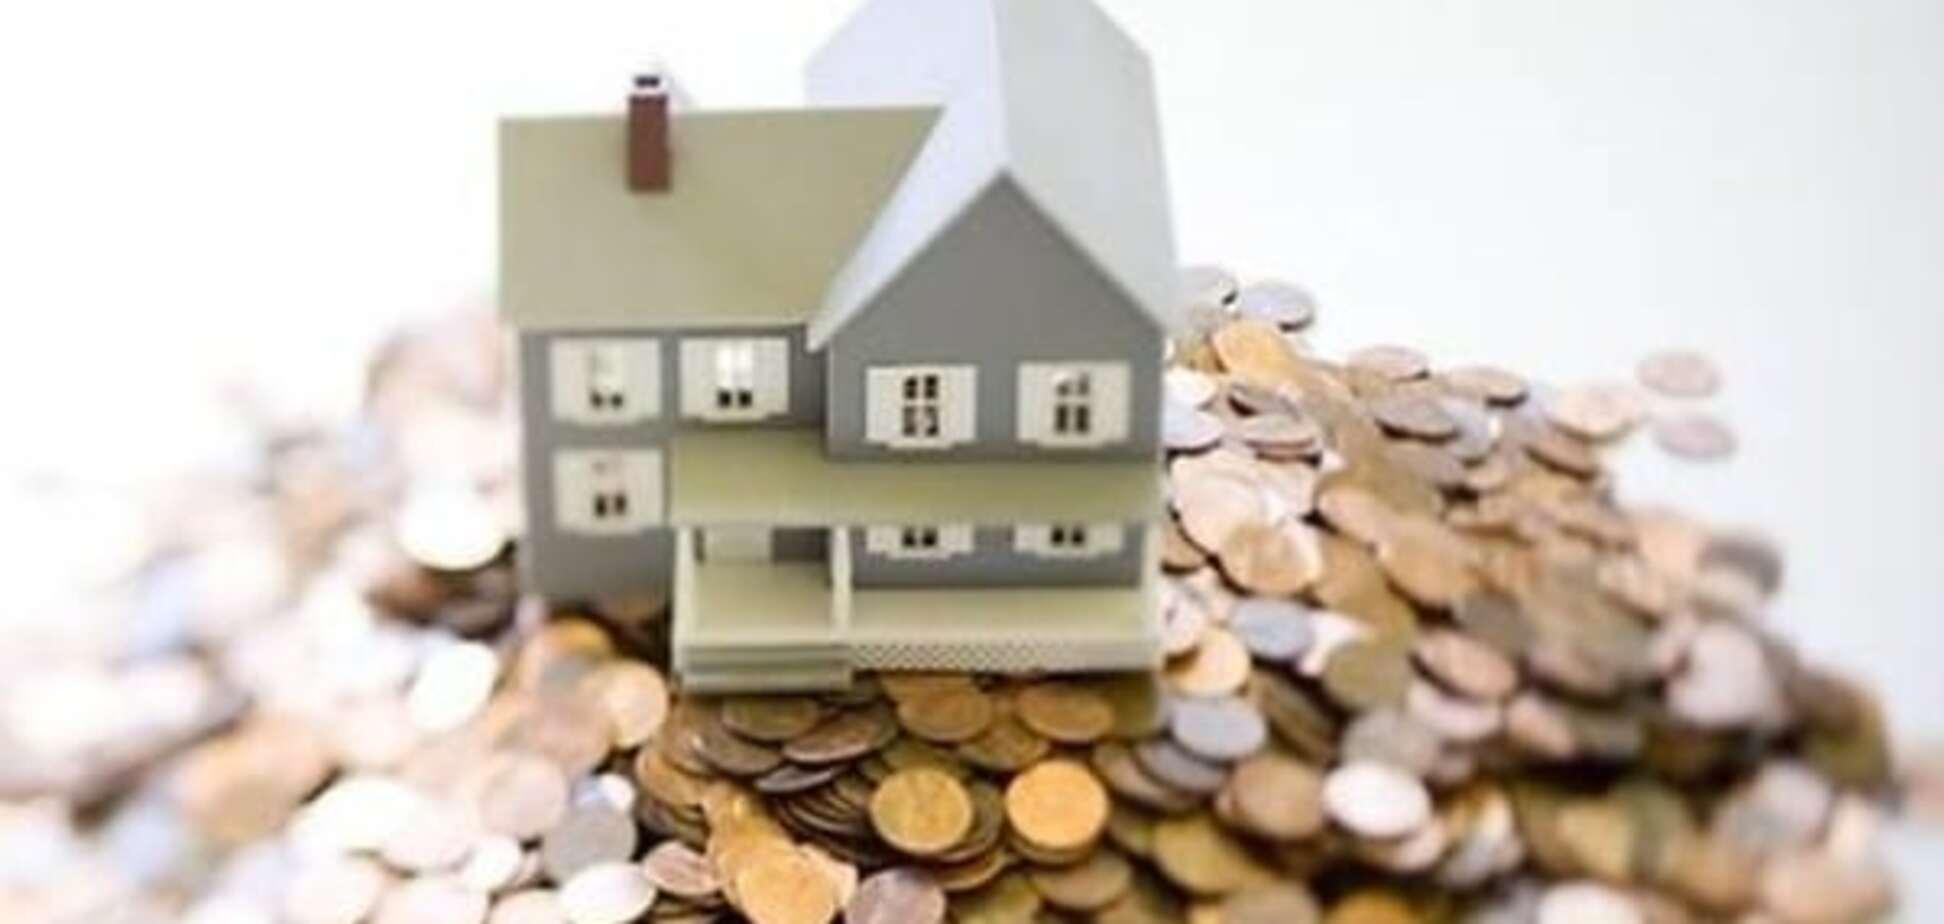 Від 0 до 22%: як змінилися ціни на квартири в Києві. Інфографіка